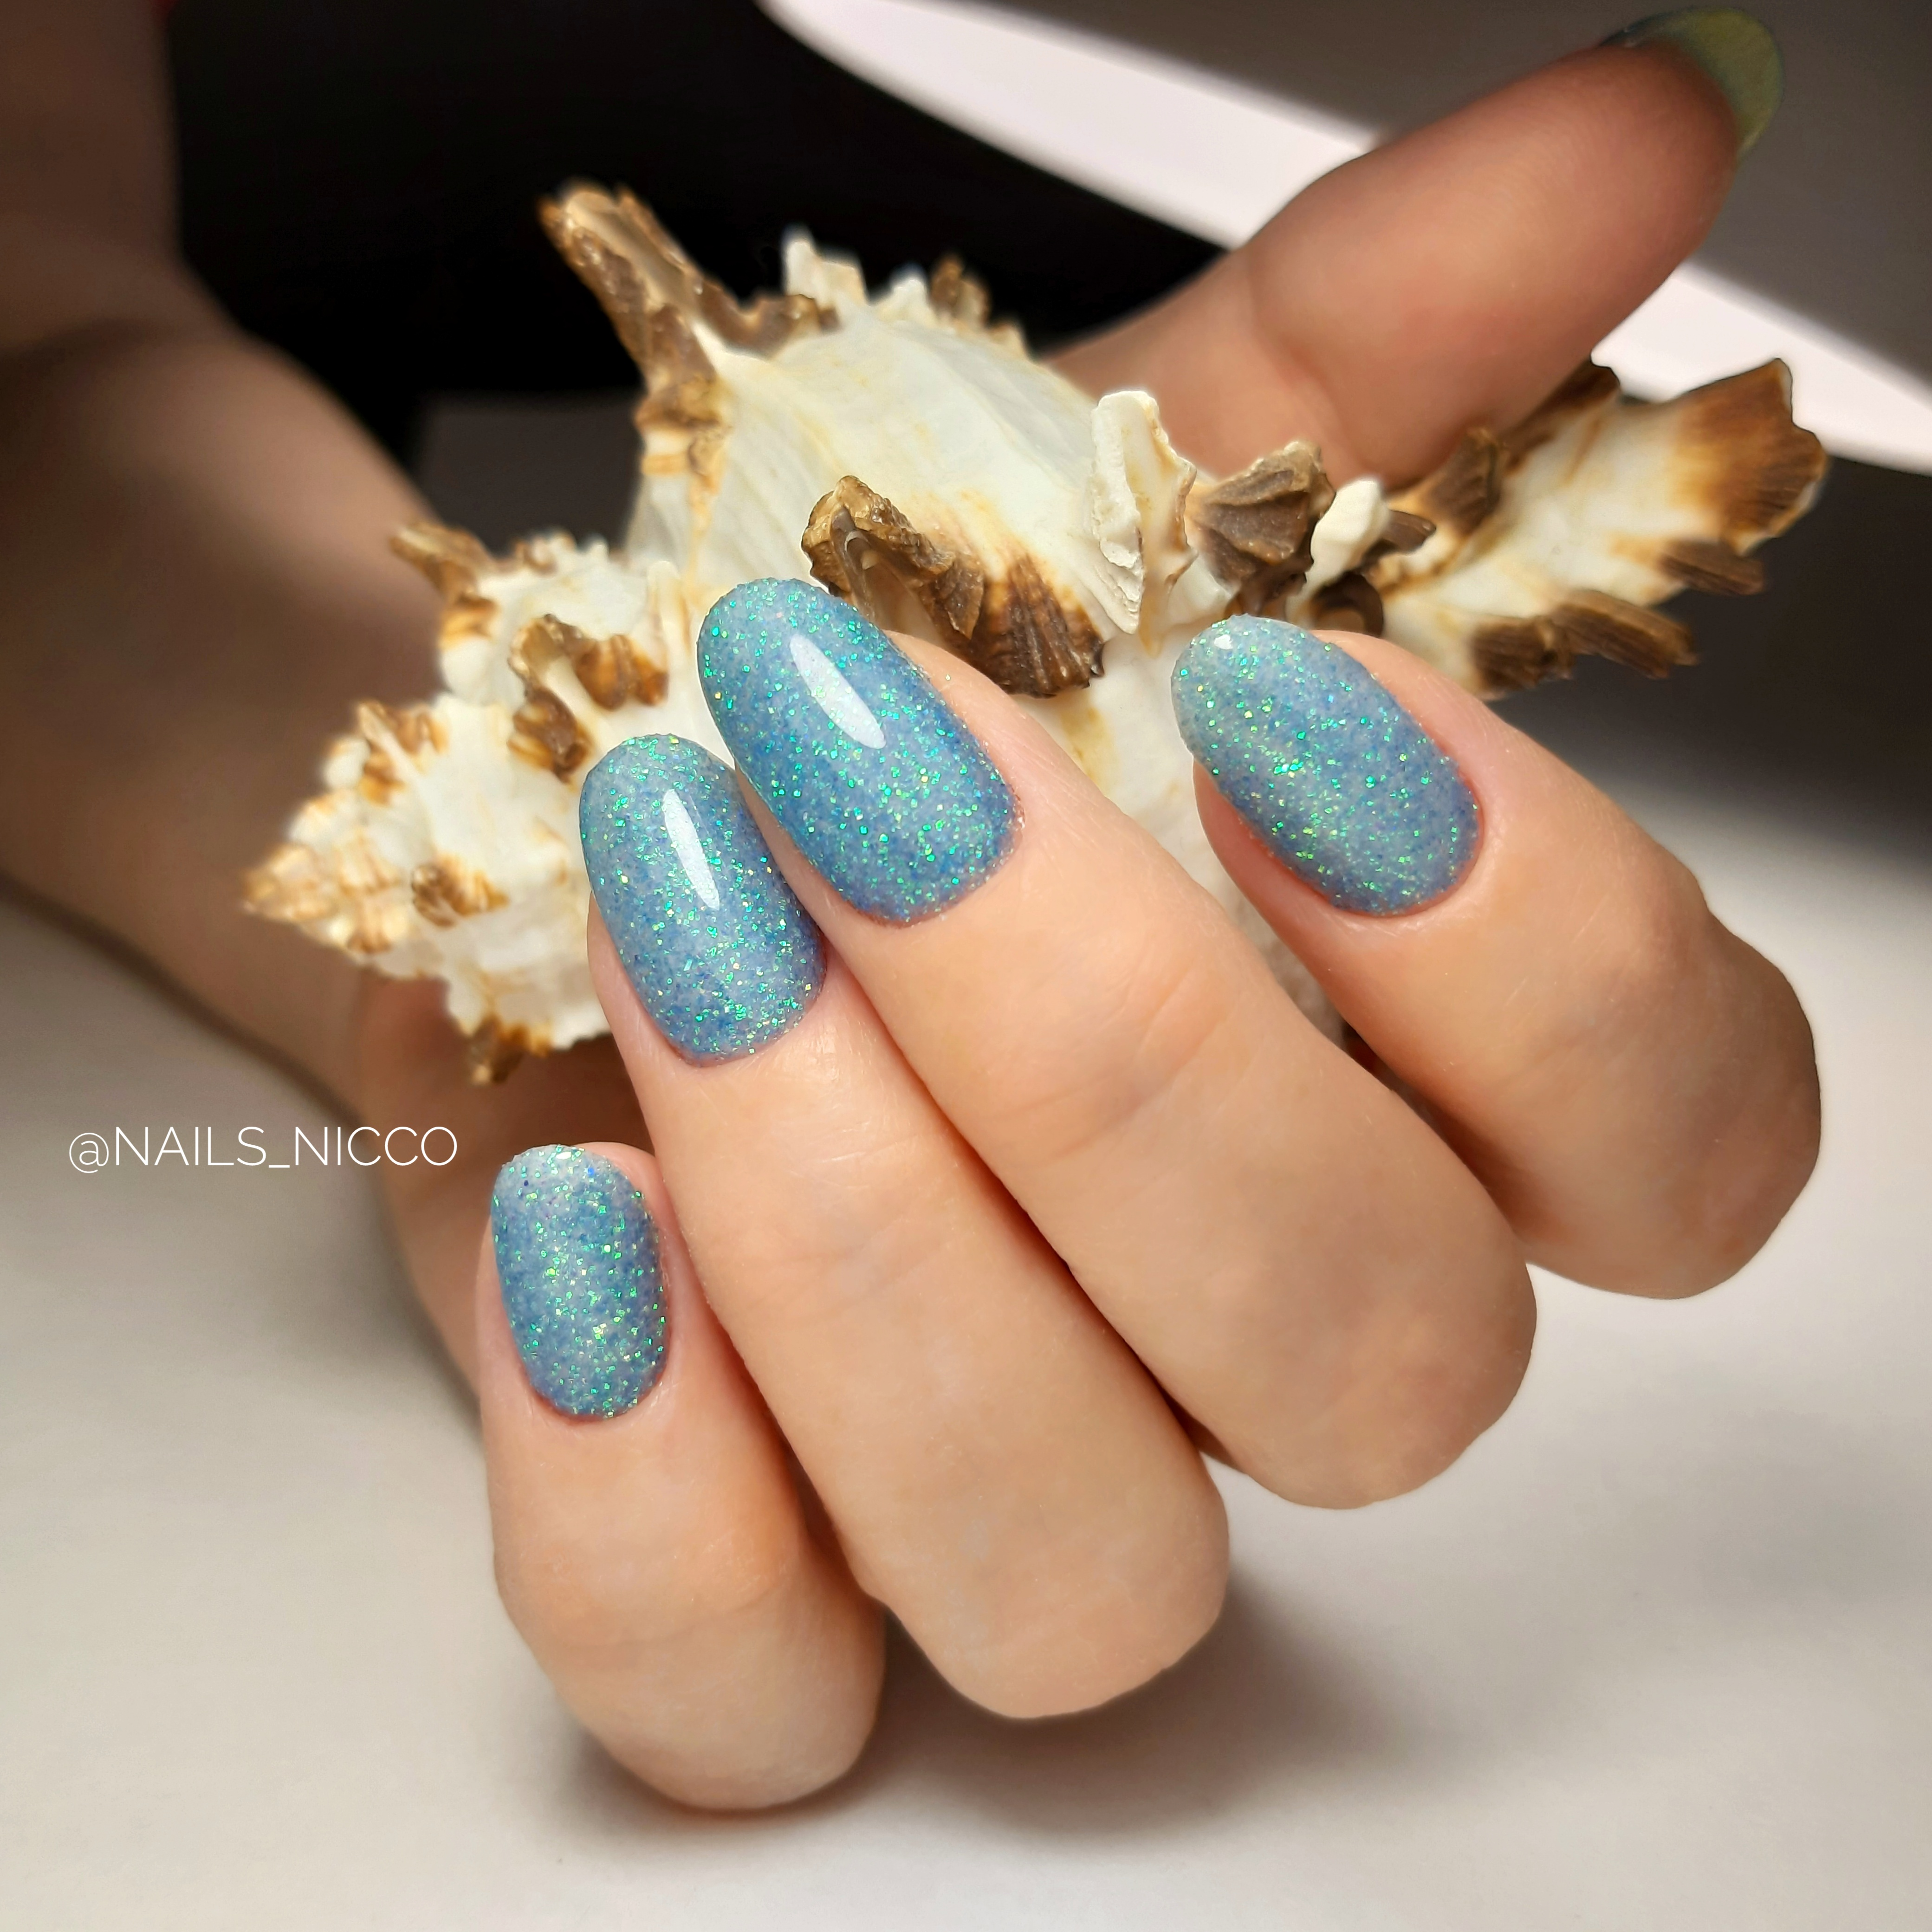 Маникюр с блестками в голубом цвете на длинные ногти.